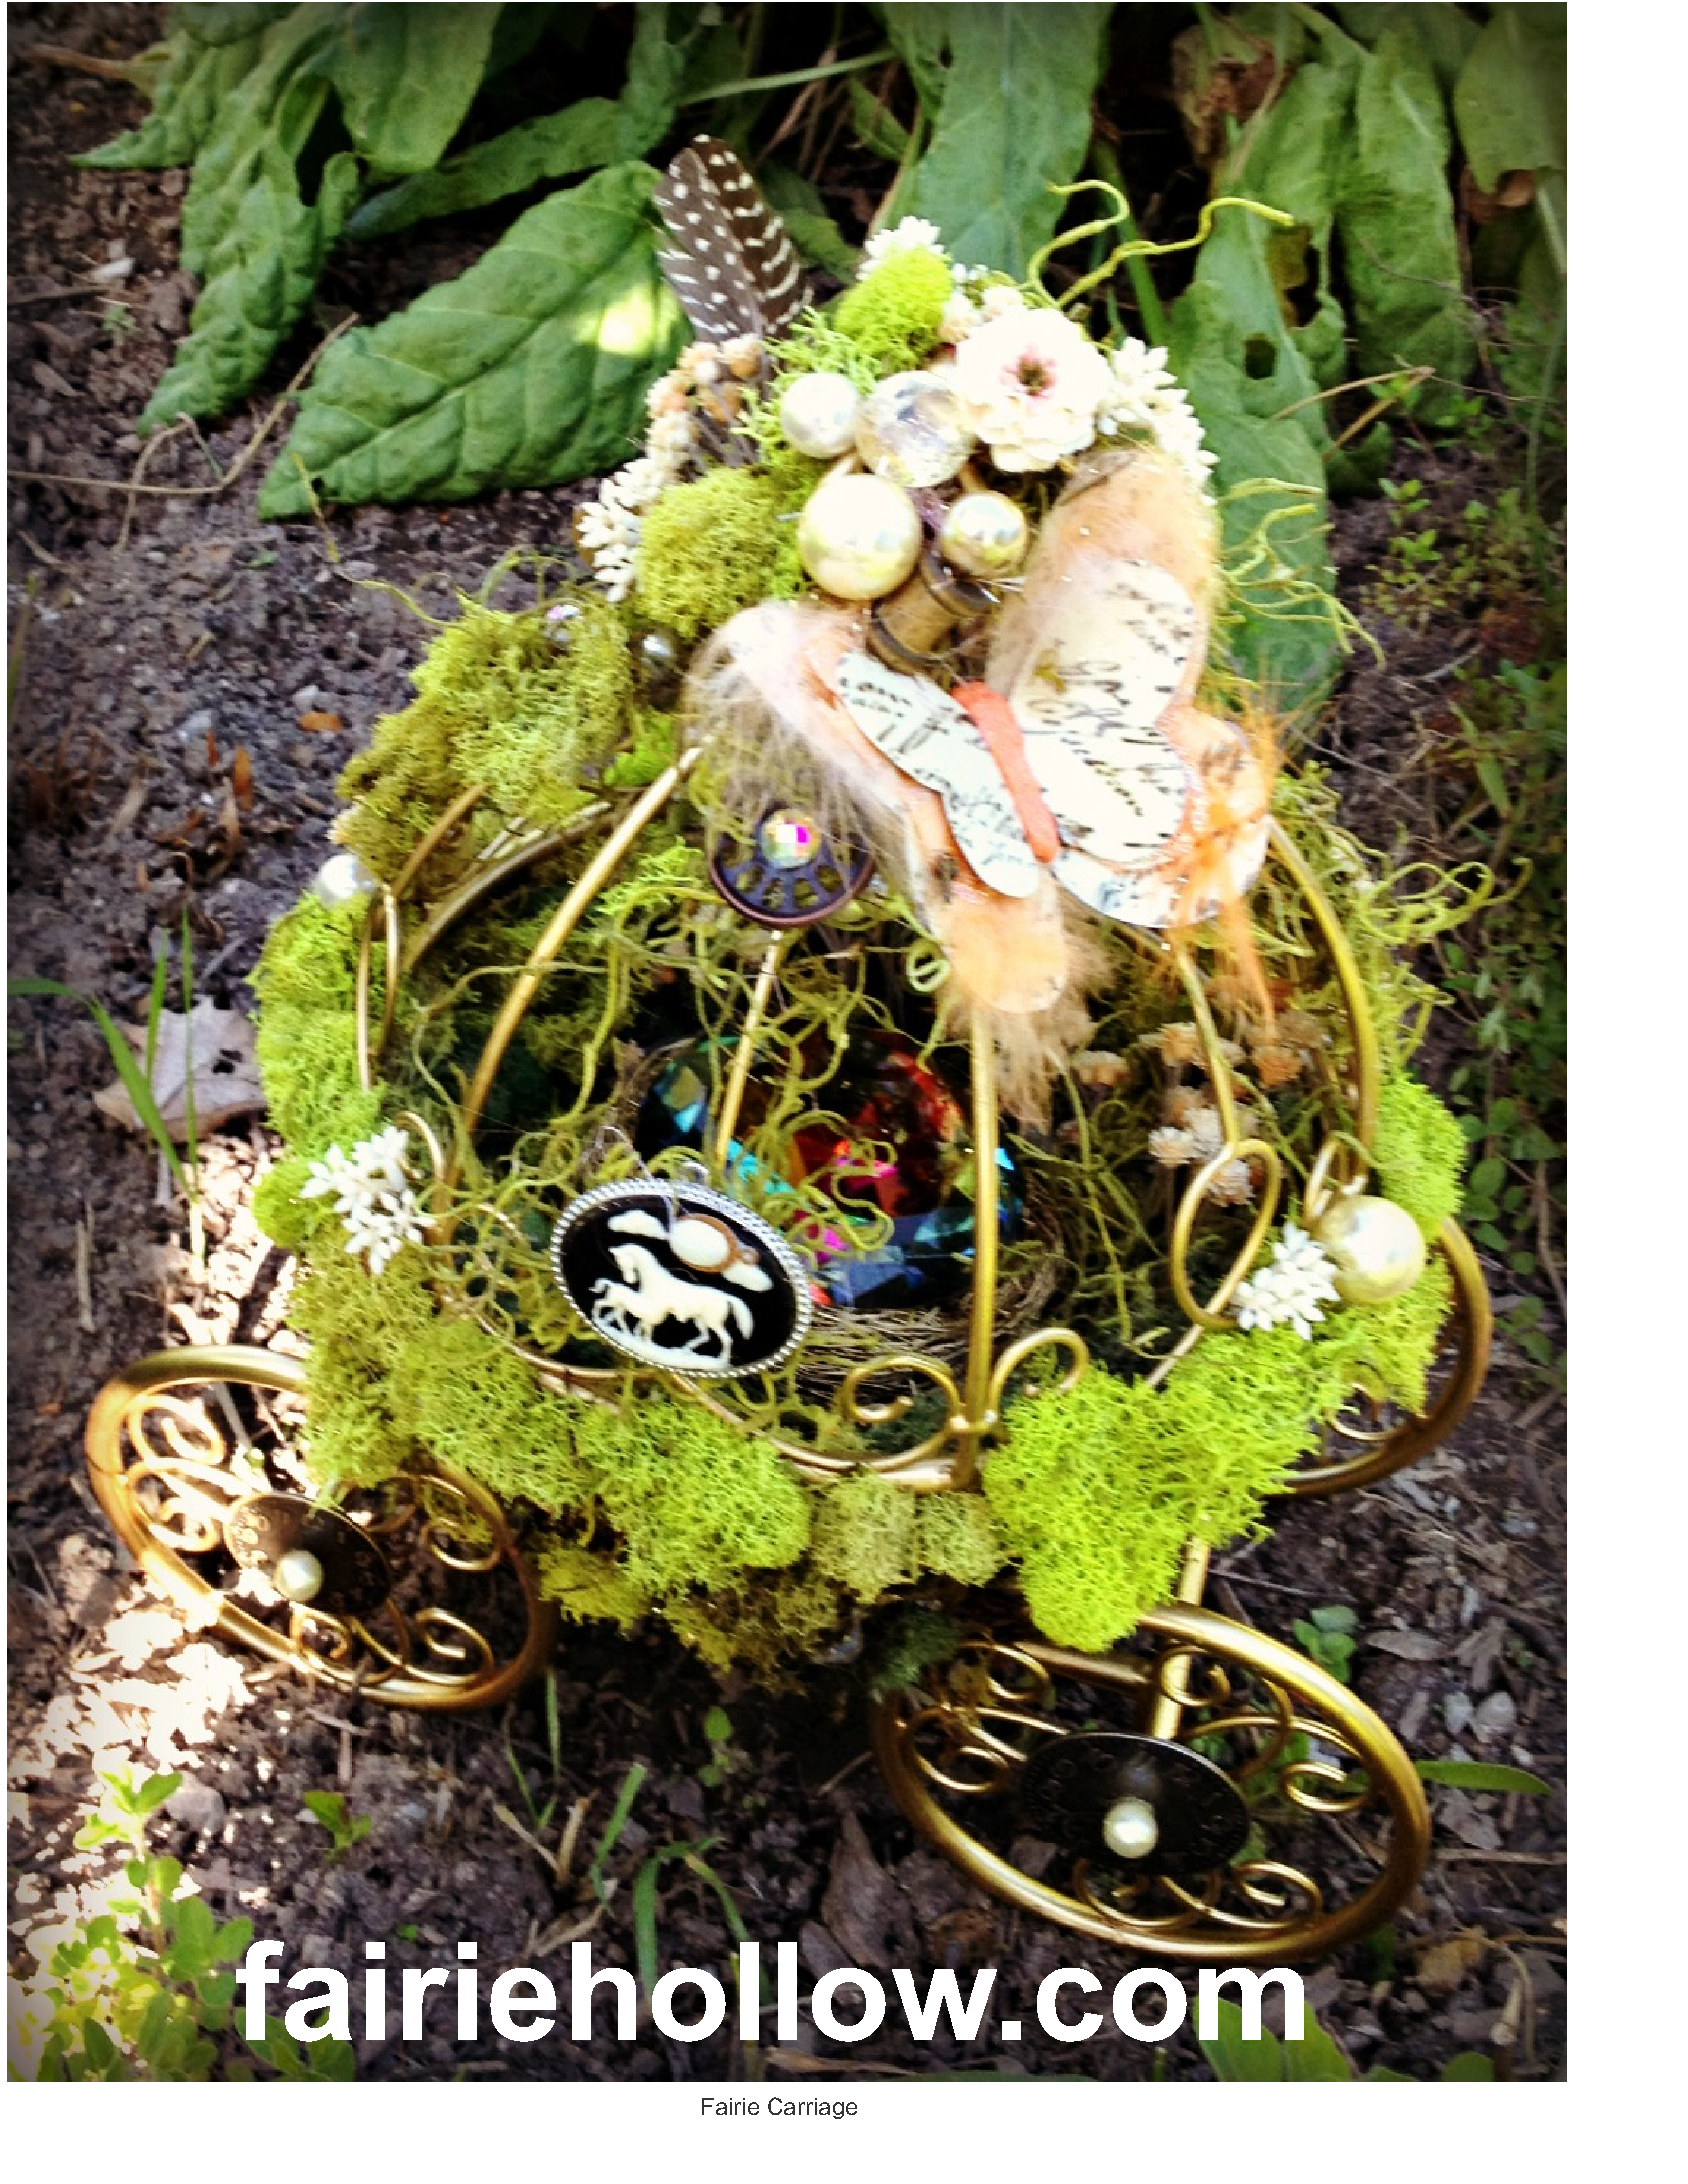 fairie garden party carriage made metal carriage moss feathers butterflies flowers | fairiehollow.com